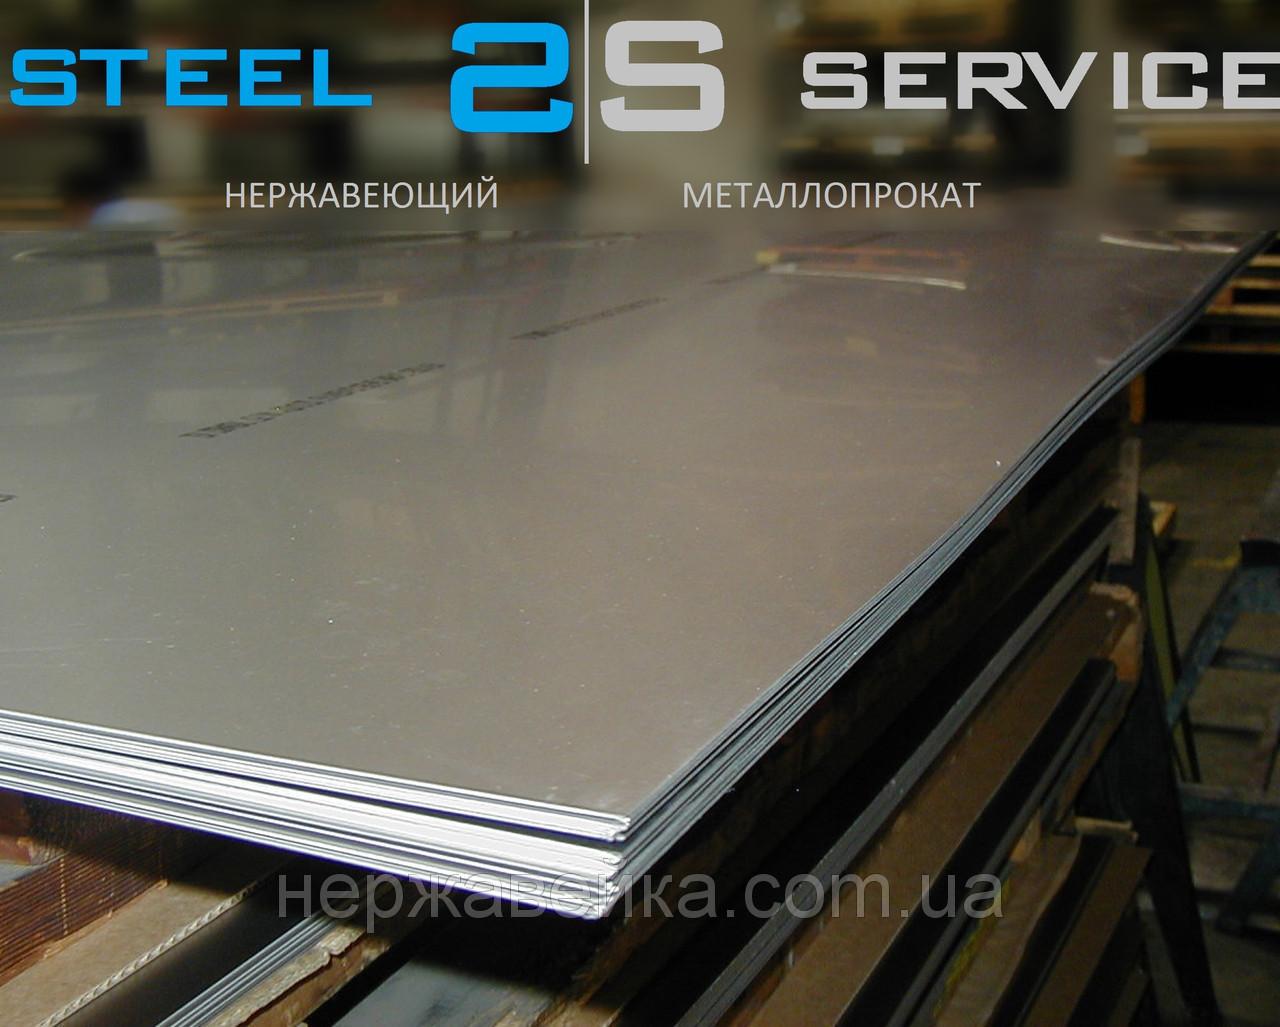 Листовая нержавейка 16х1500х6000мм  AISI 309(20Х23Н13, 20Х20Н14С2) F1 - горячекатанный,  жаропрочный